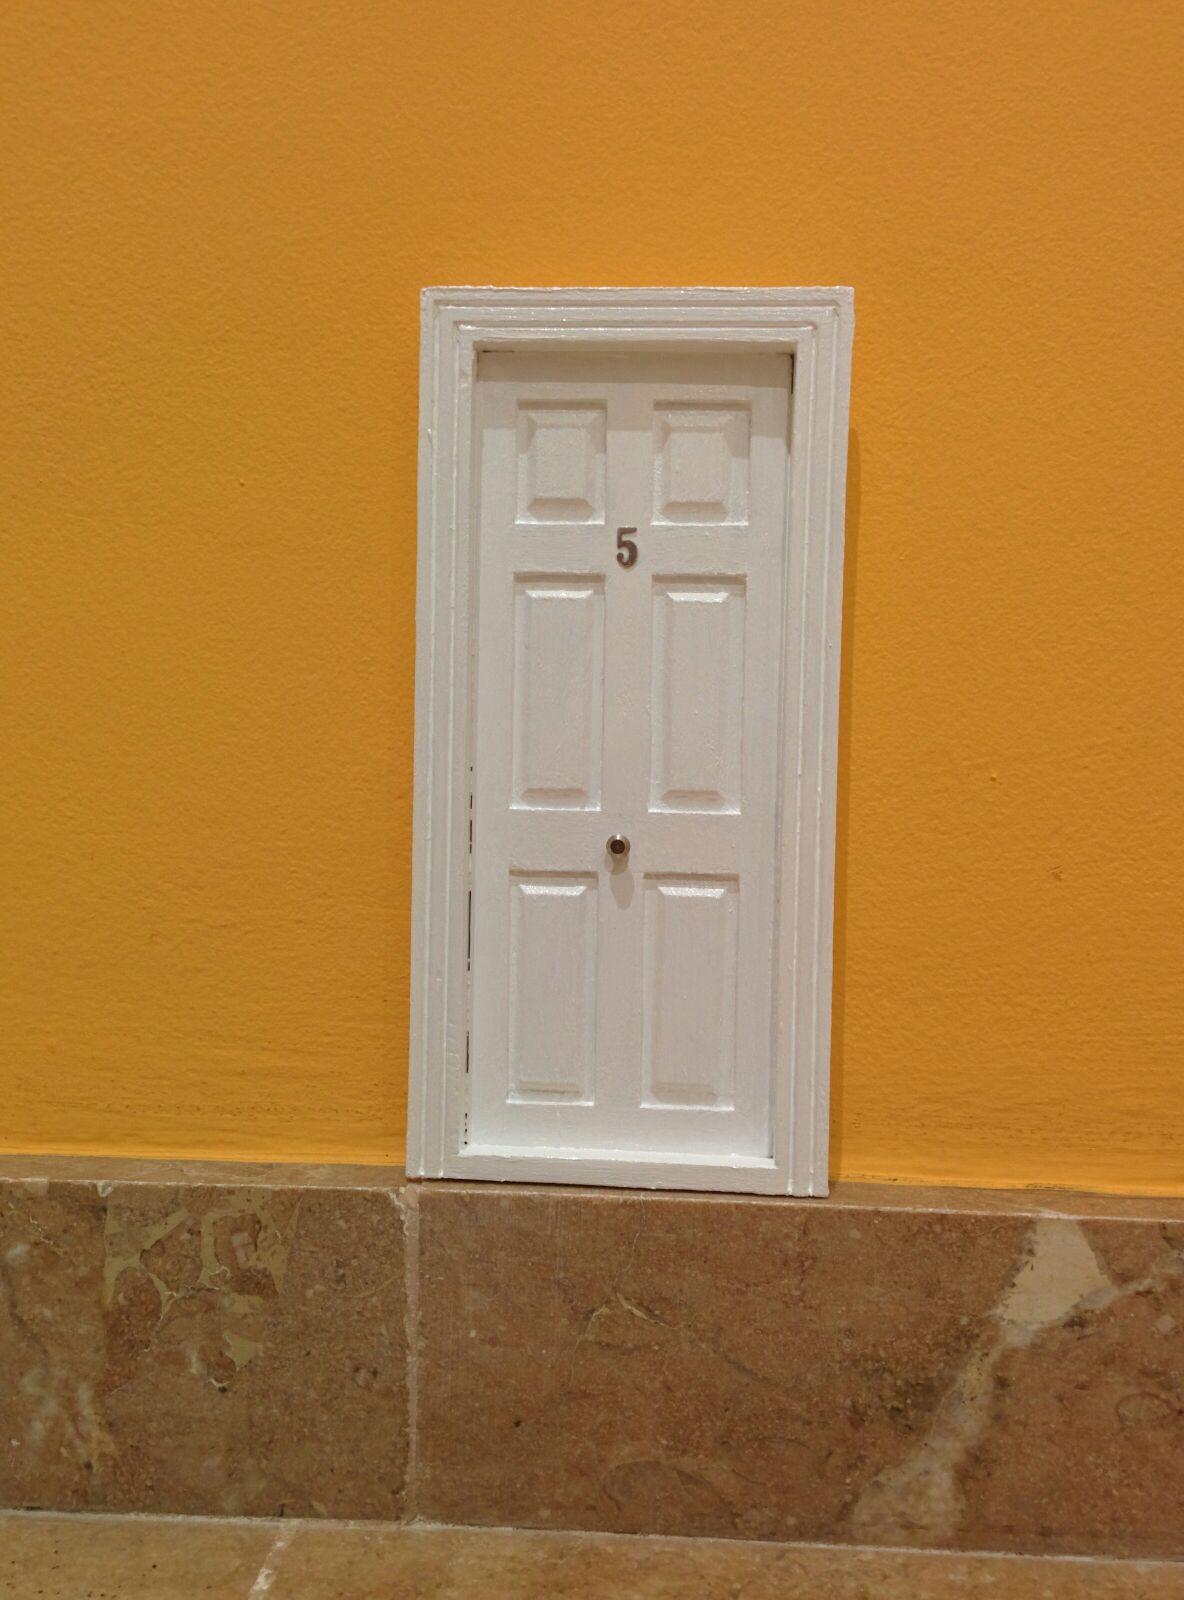 Las cositas de paula puerta ratoncito perez - Puerta ratoncito perez el corte ingles ...